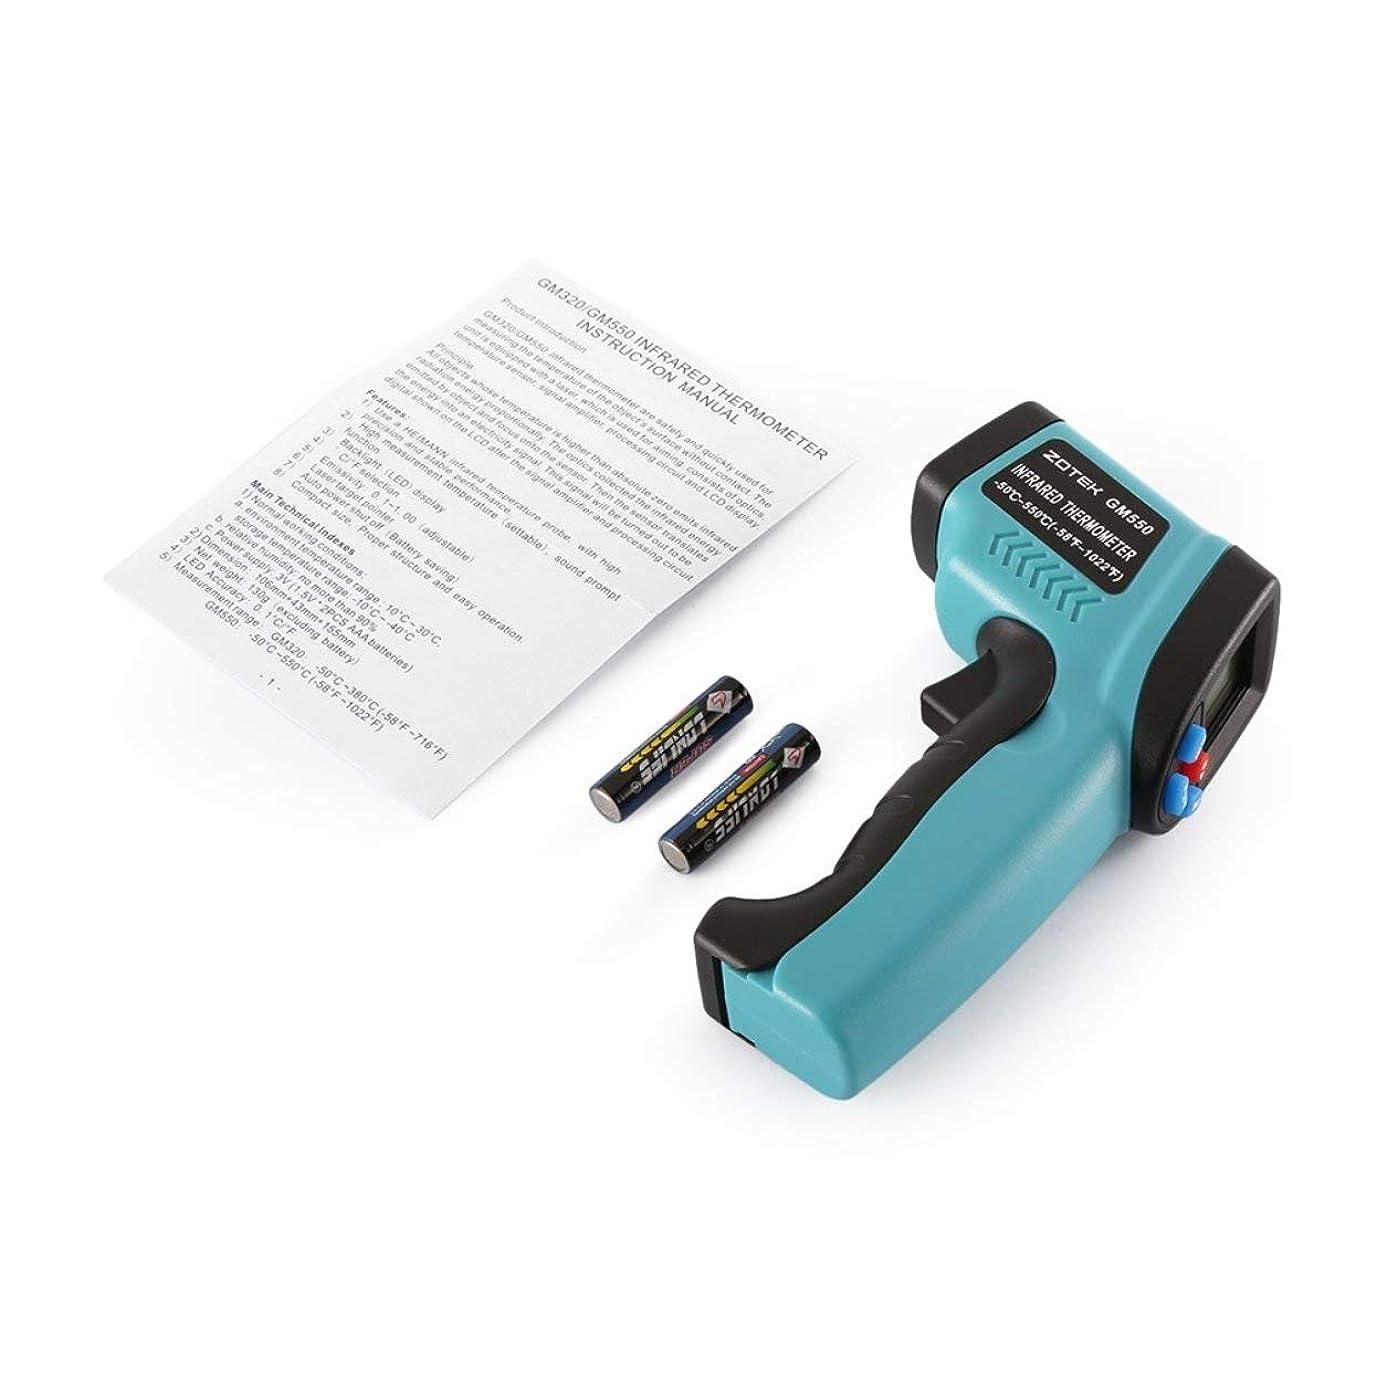 語あなたは木Saikogoods クリスマスプレゼント ZOTEK G550コンパクトレーザーデジタル赤外線温度計LEDバックライト付き調節可能放射率レーザーターゲットポインター